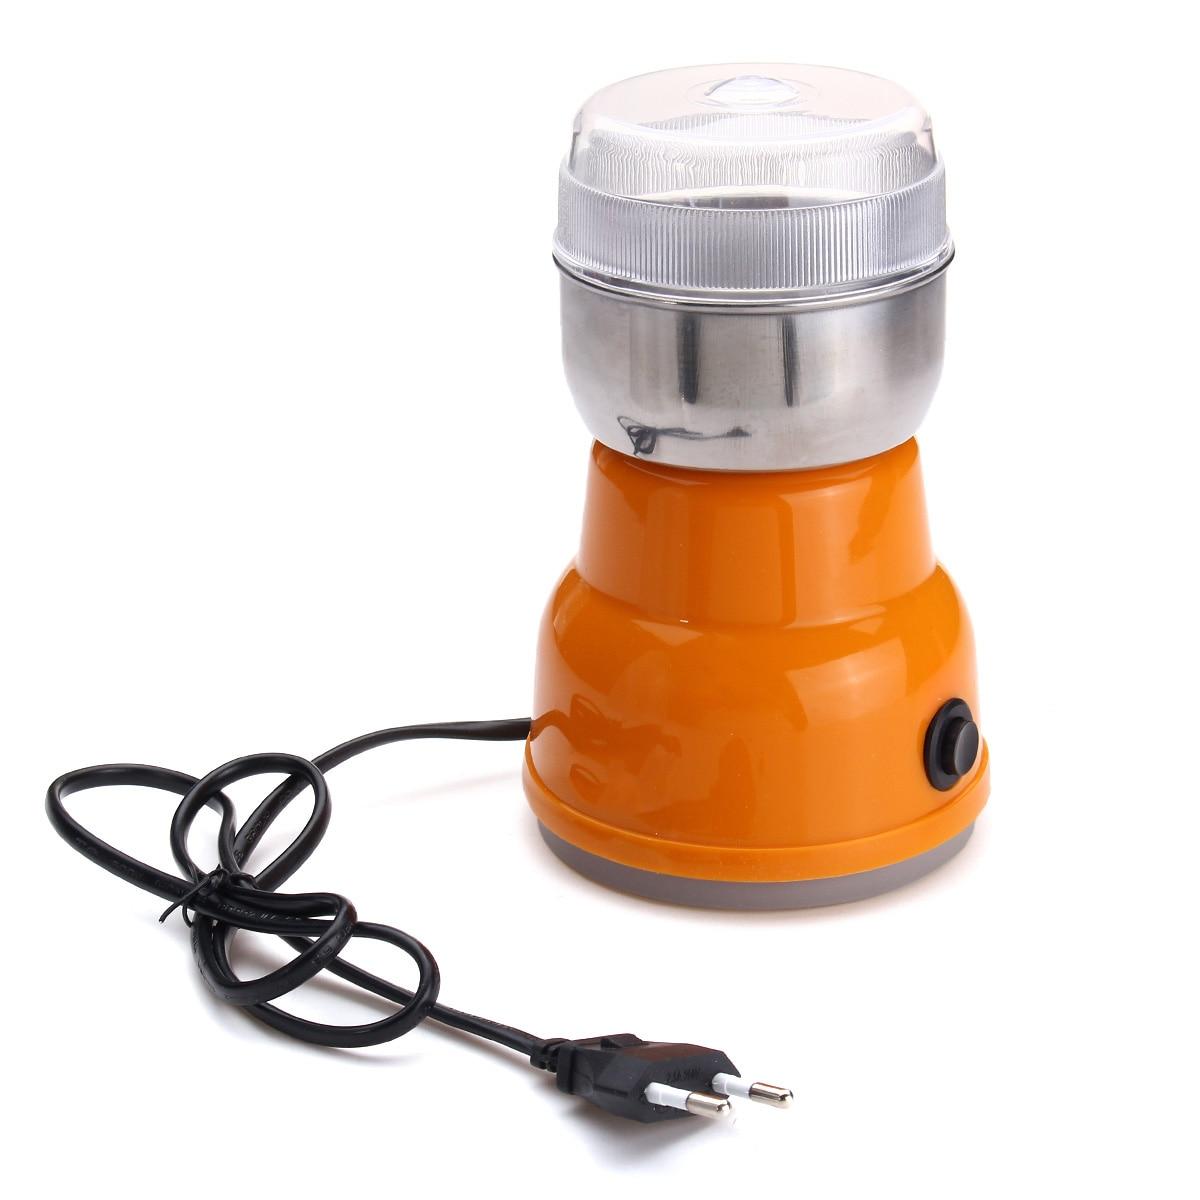 Tragbare Auto-manuelle kaffeemühle Maschine EU Stecker 220 v Home Küche Salz Pfeffer Mühle Spice Muttern Elektrische Kaffee grinder